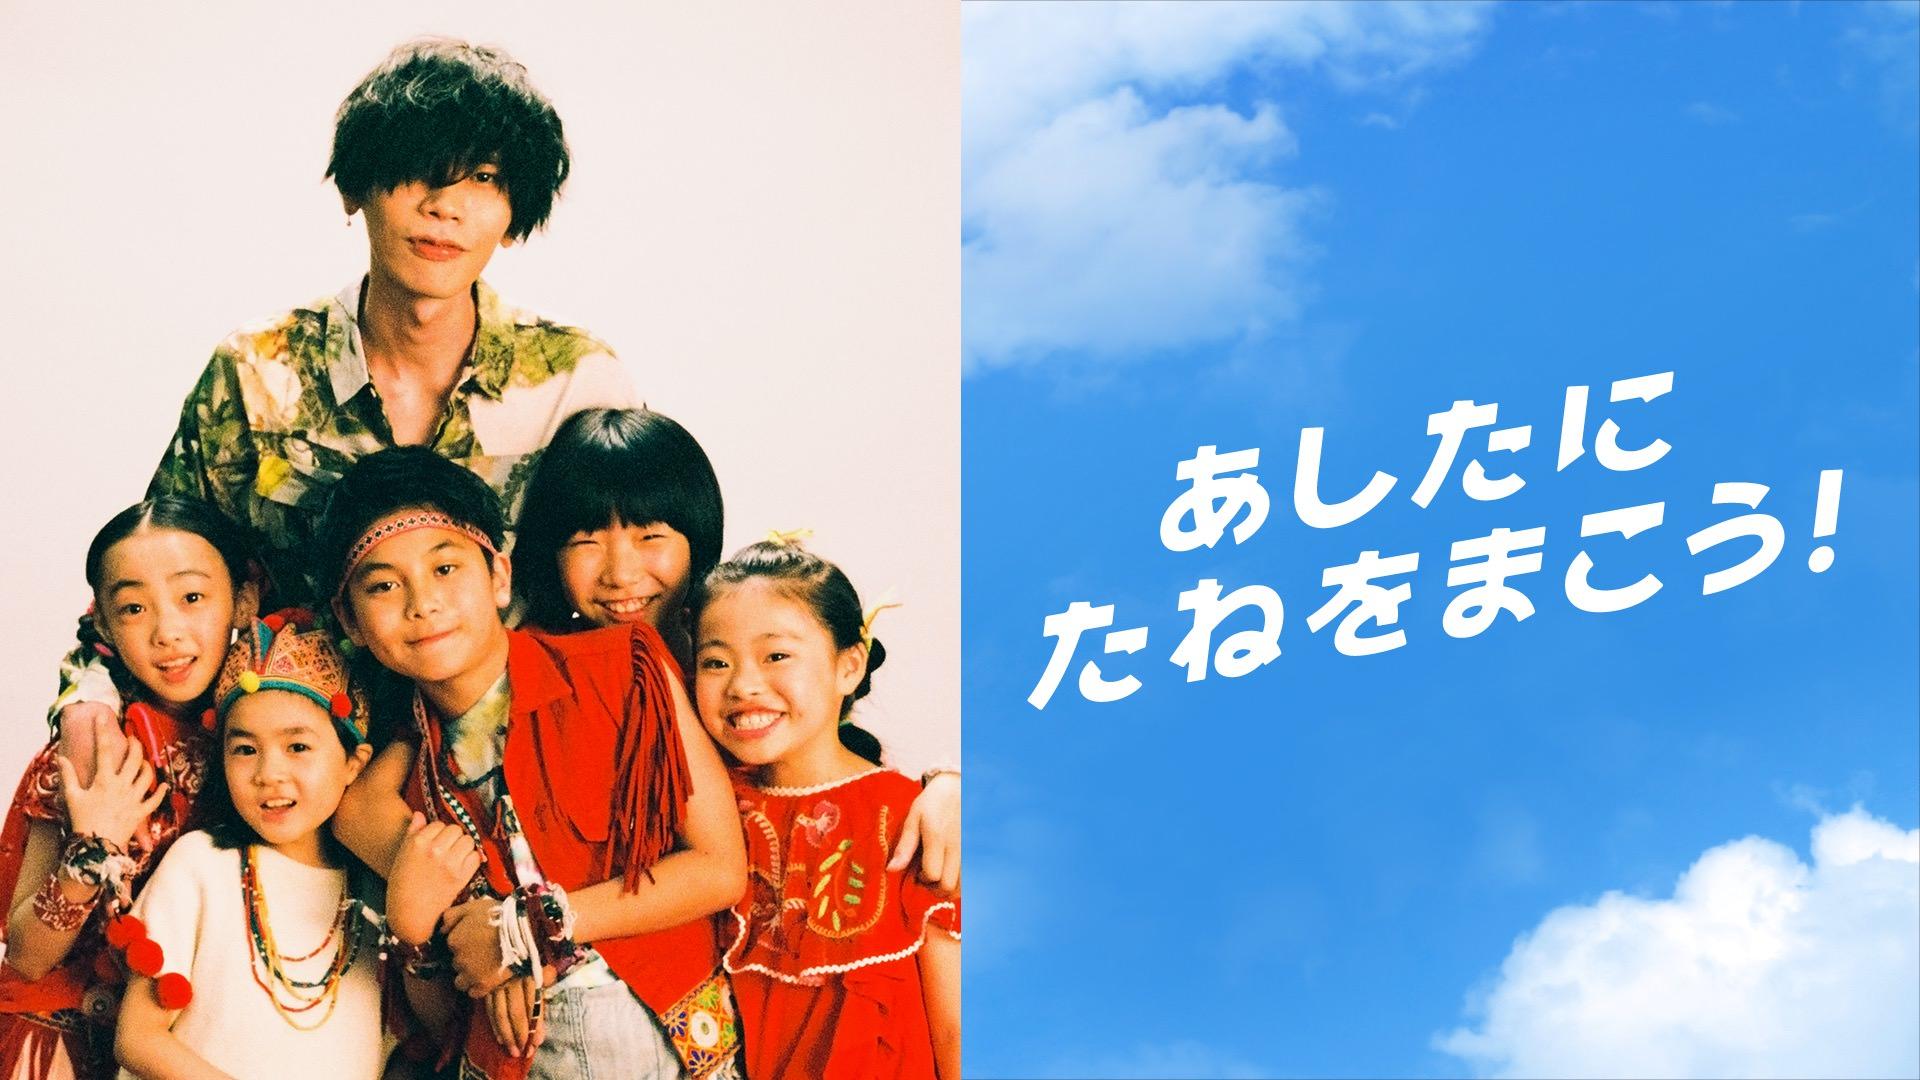 米津玄師 × パプリカのセルフカバー NHK「みんなのうた」にて8.1 放送!!